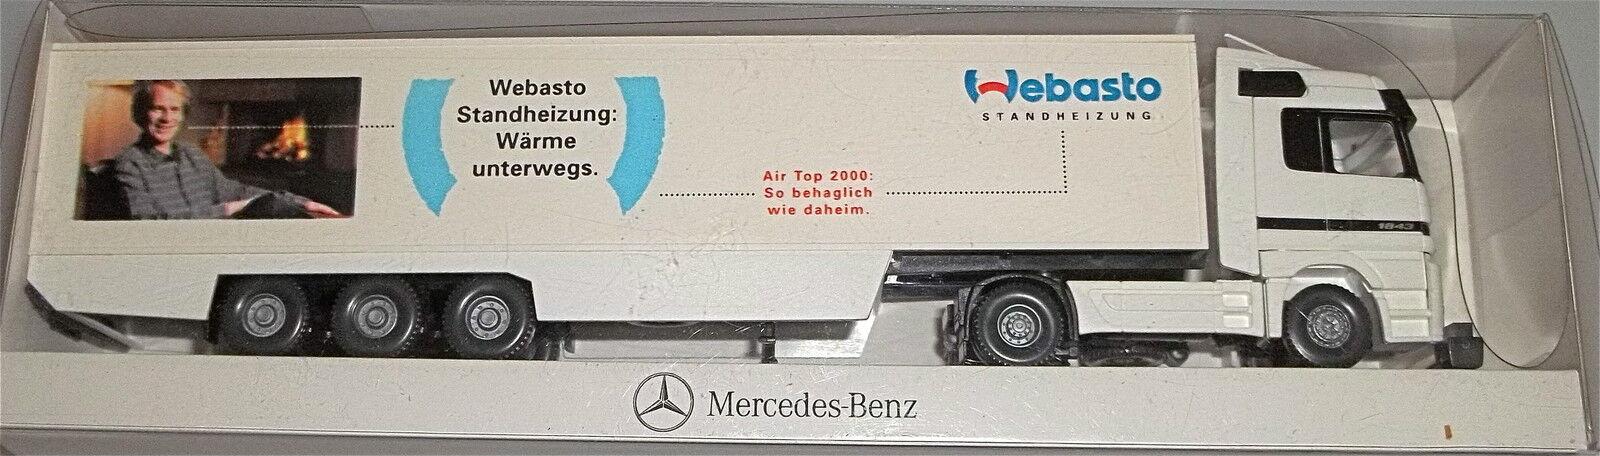 Webasto Préchauffage Mercedes Benz Werbemodell Wiking État Neuf